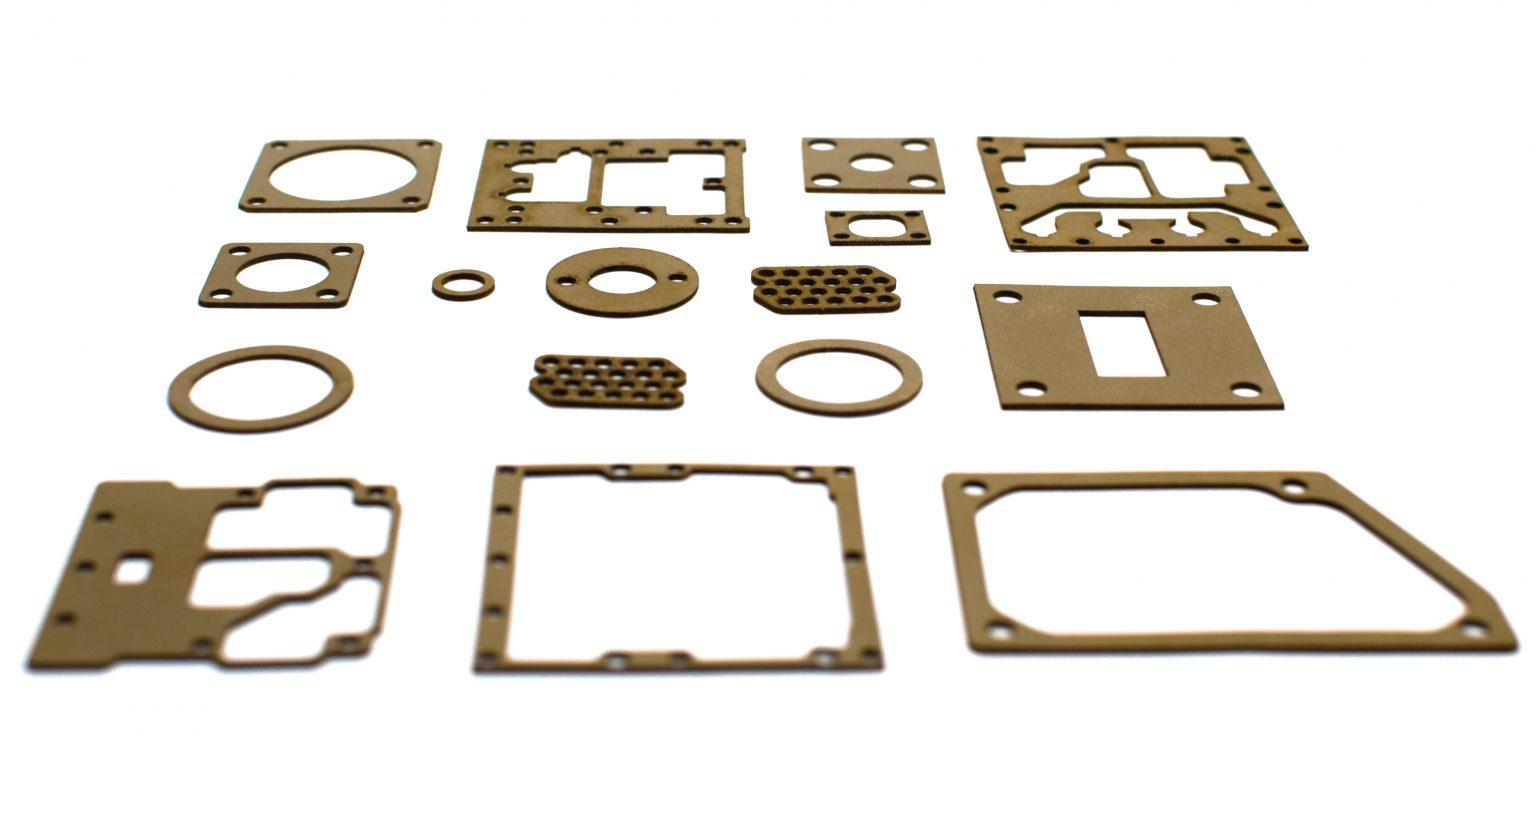 Уплотнительные прокладки исполнены по чертежам из листового экранирующего эластомера ЗИПСИЛ 101 РЭП-01 толщиной 0,8 мм. Технология лазерной резки прокладок ЗИПСИЛ-РЕЗКА